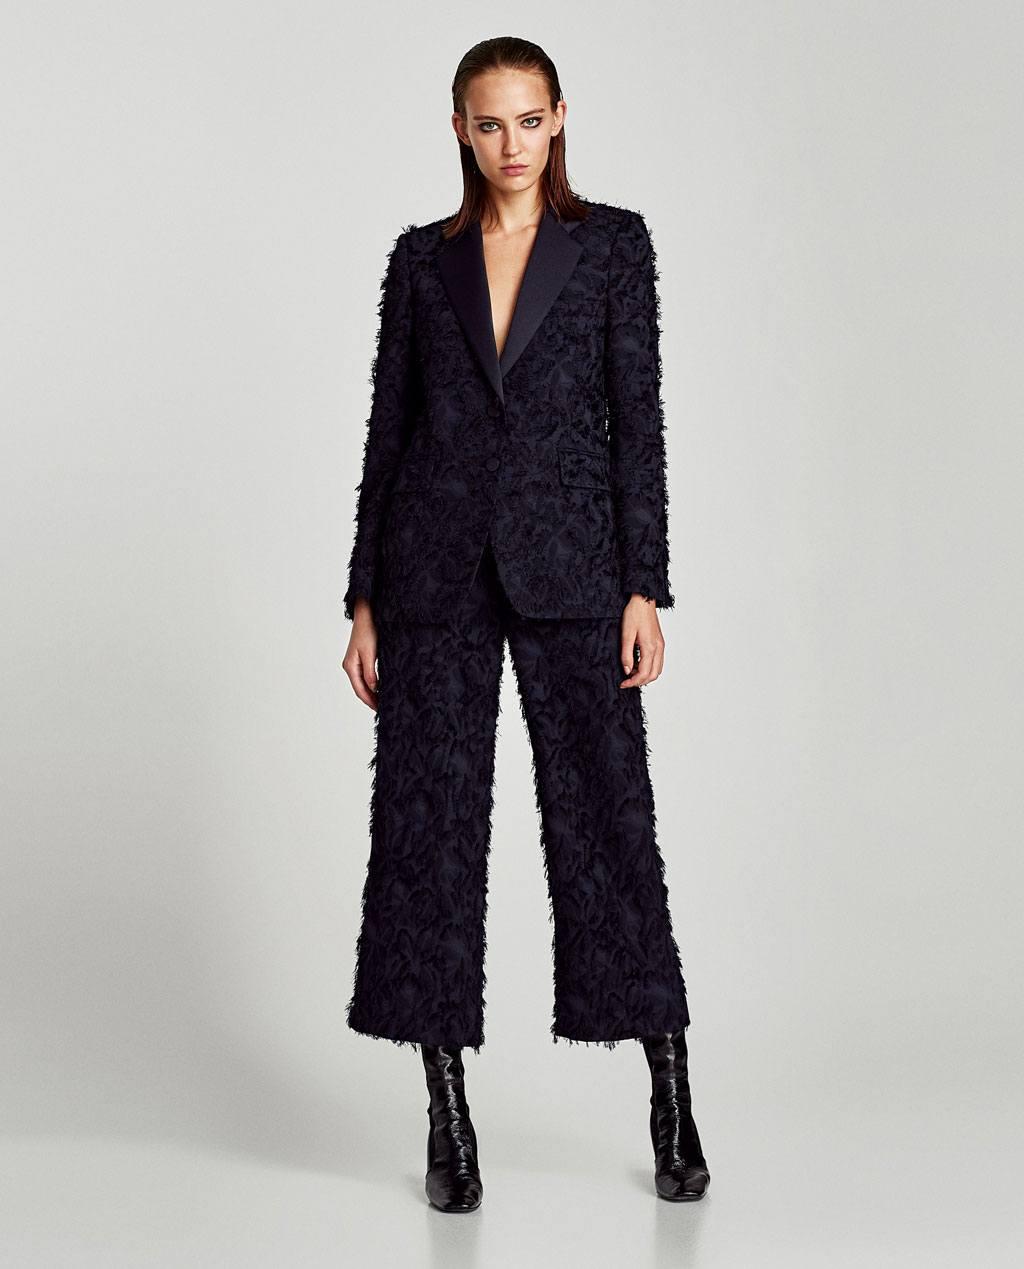 262753aa7a A pizsama nadrágok nem különböznek a korábbi verziótól. Ezekhez a  nadrágokhoz használjon puha anyagot, és ne csináljon nyilakat rájuk.